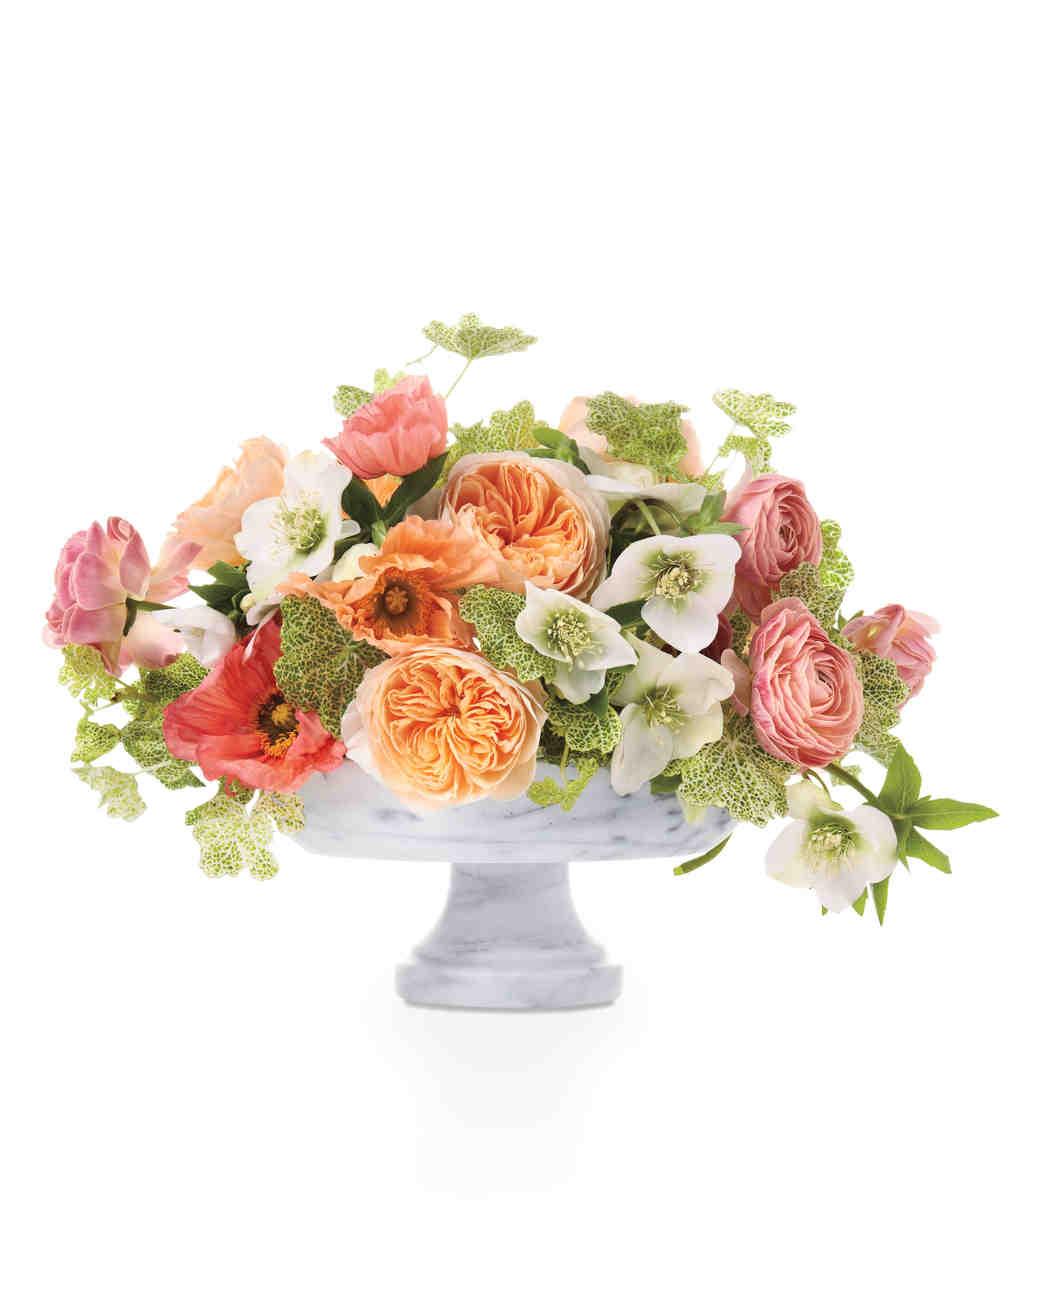 flowers-041-mwd109876.jpg